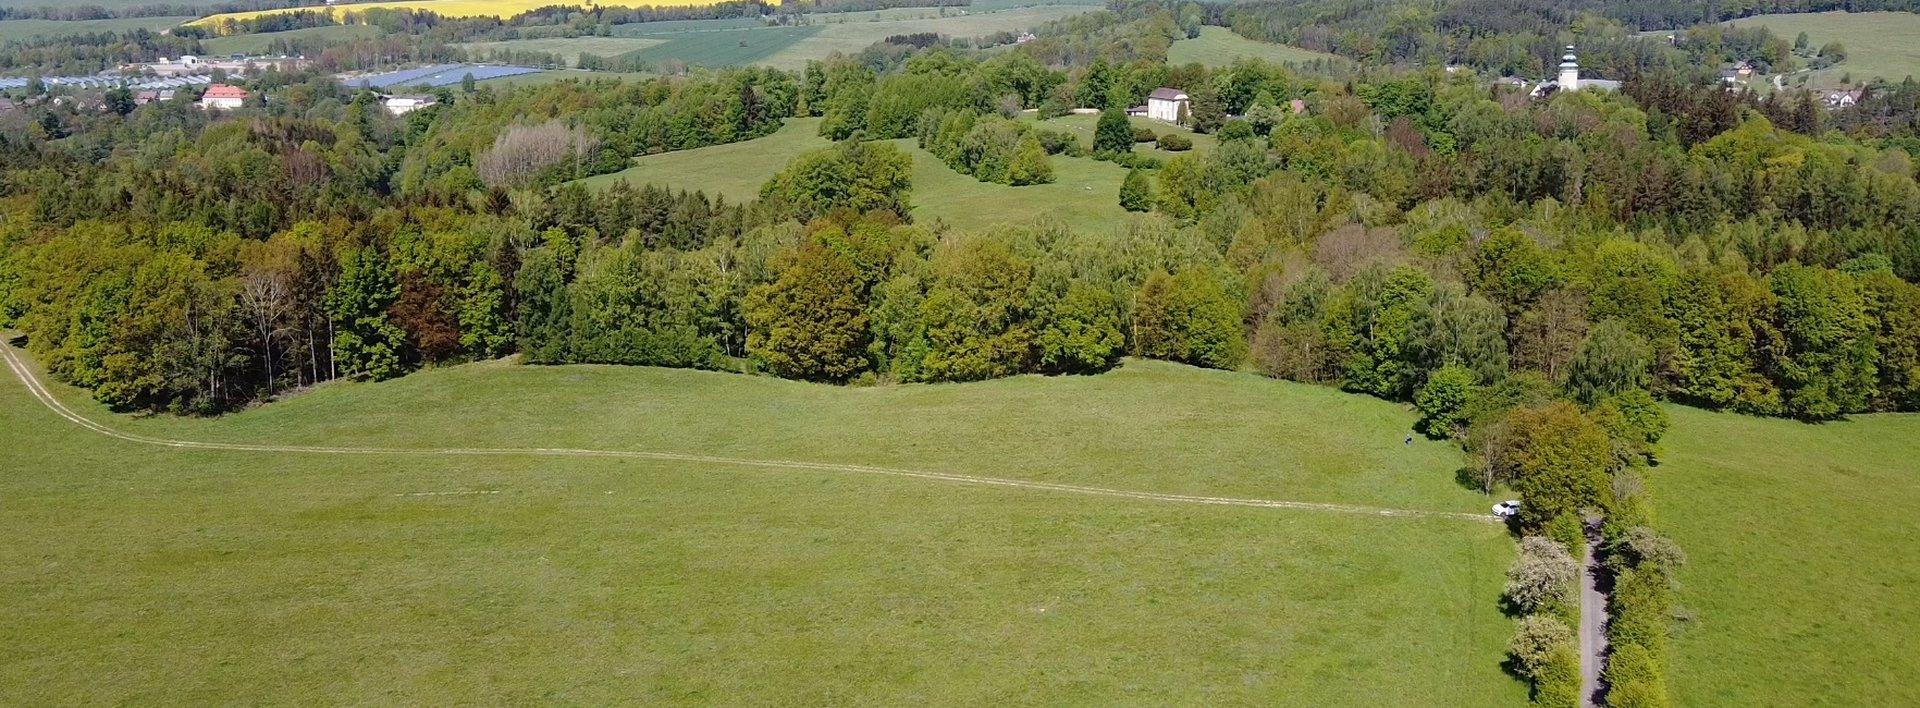 Louky, pastviny a lesy v malebné krajině u zámku Lemberk, Ev.č.: N49071